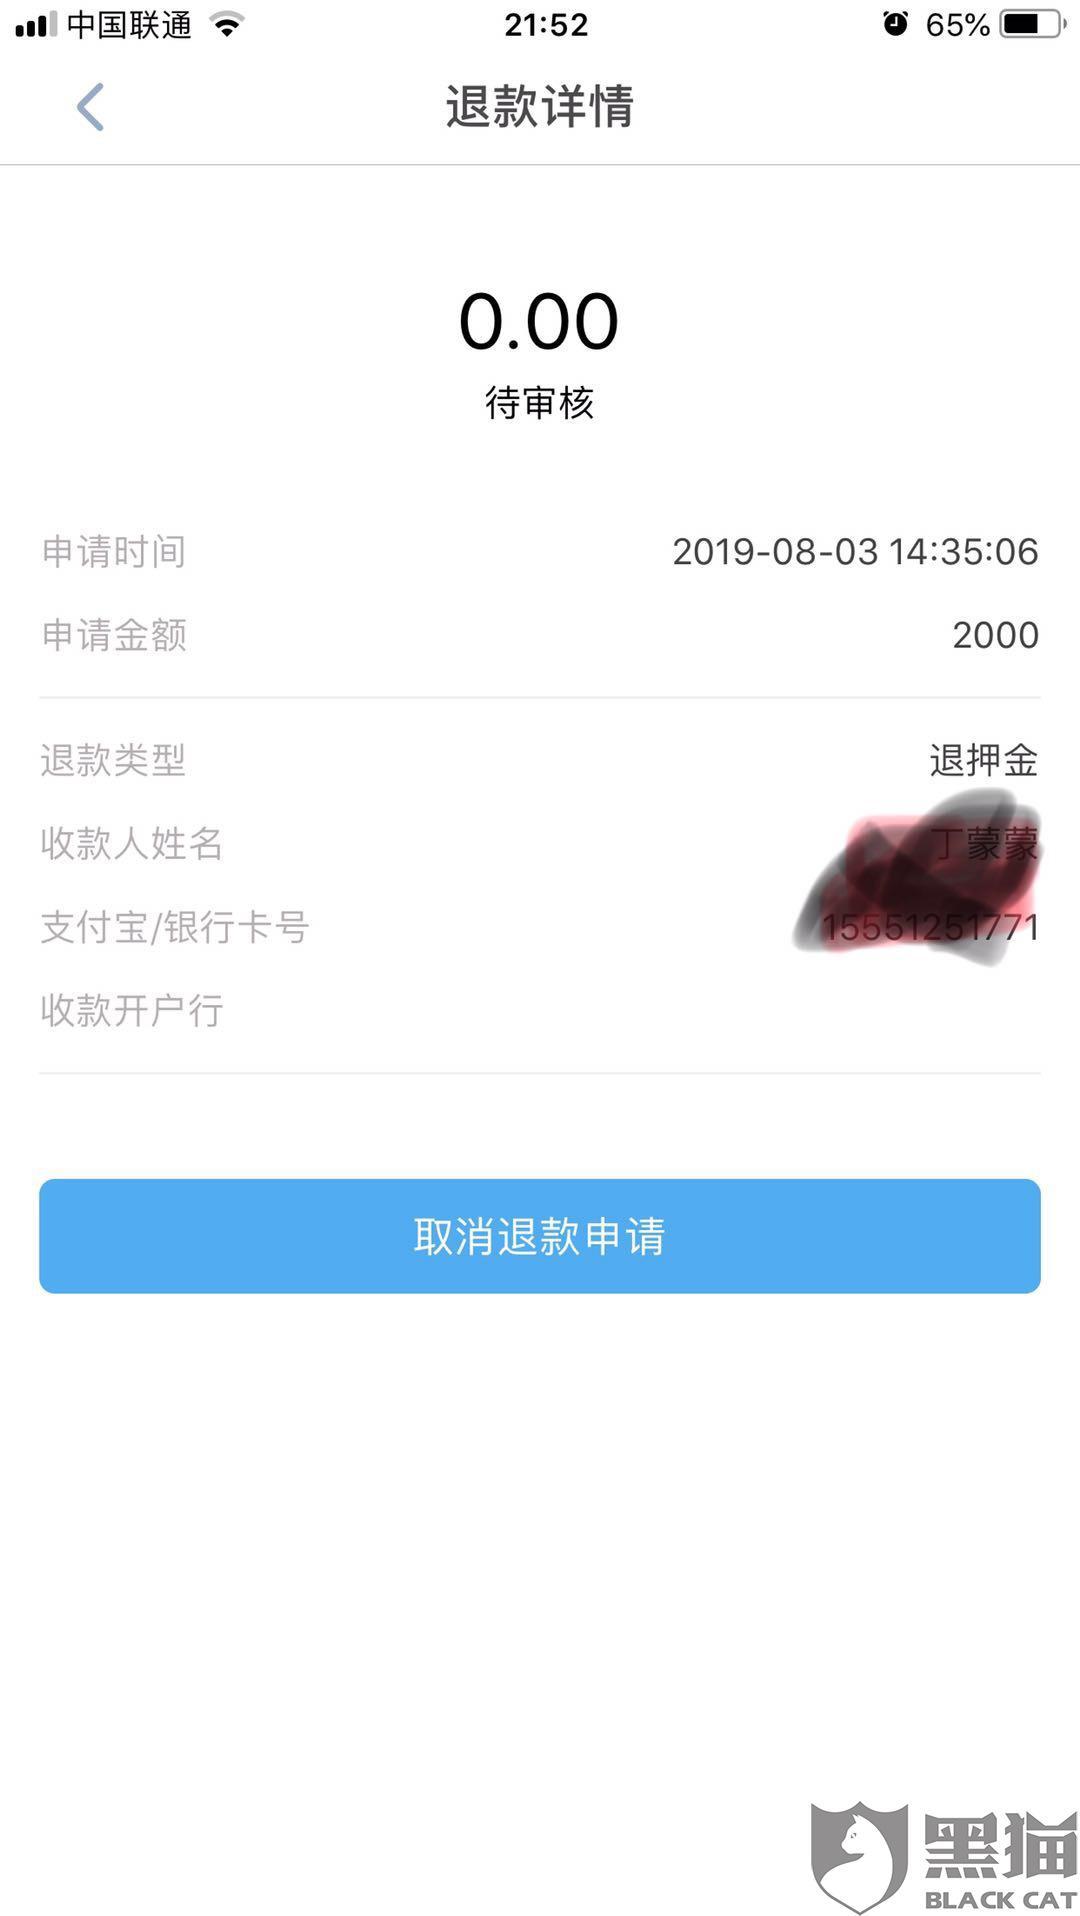 黑猫投诉:芜湖易开出行,退款条款是22天,实际8月3号申请的到目前仍未到账。